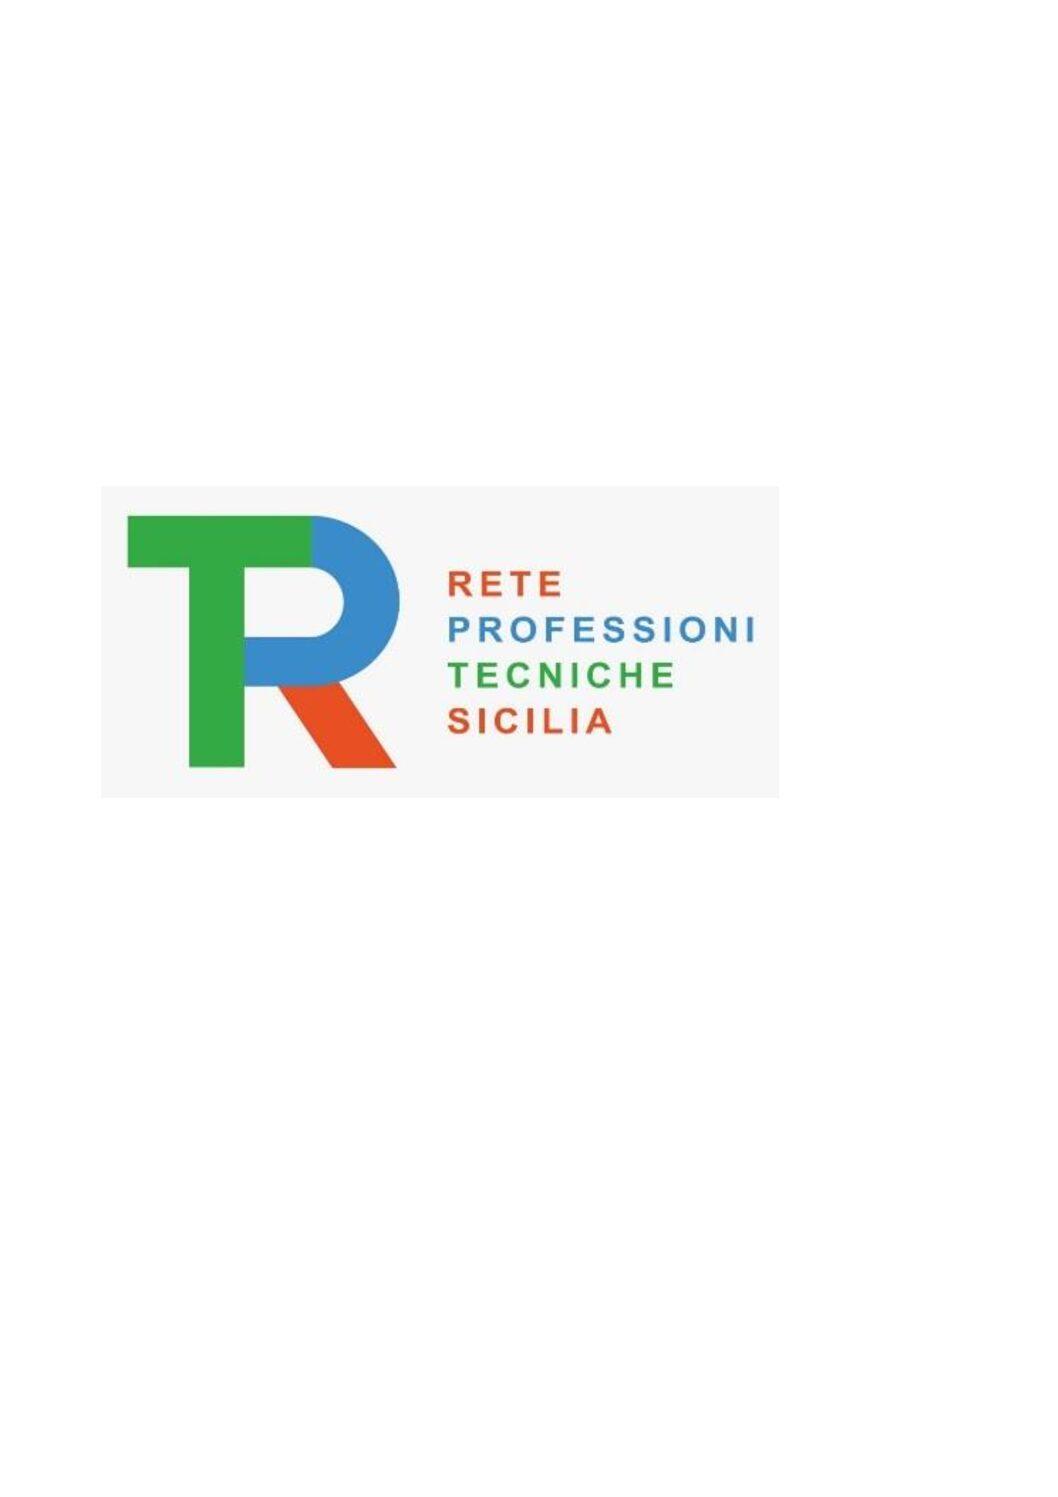 La Rete delle Professioni Tecniche di Sicilia chiede la Proroga del Piano Casa Sicilia